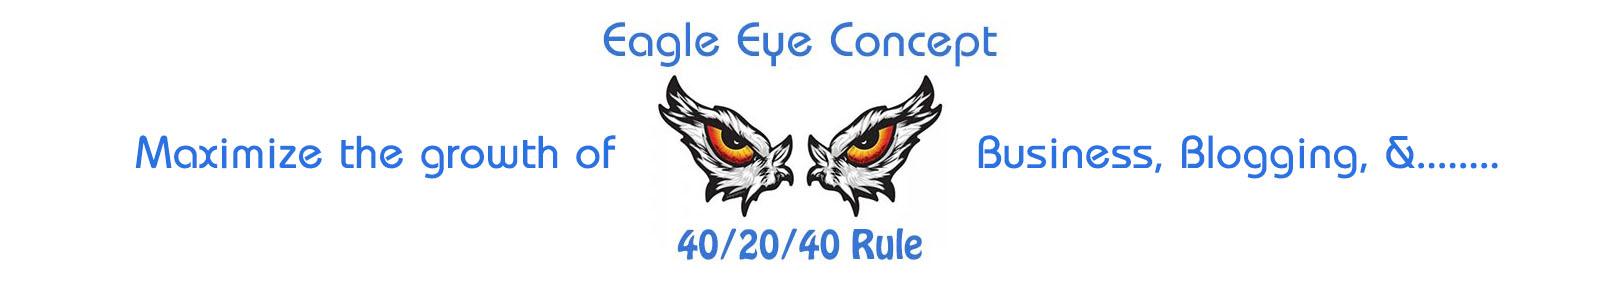 eagle eye concept